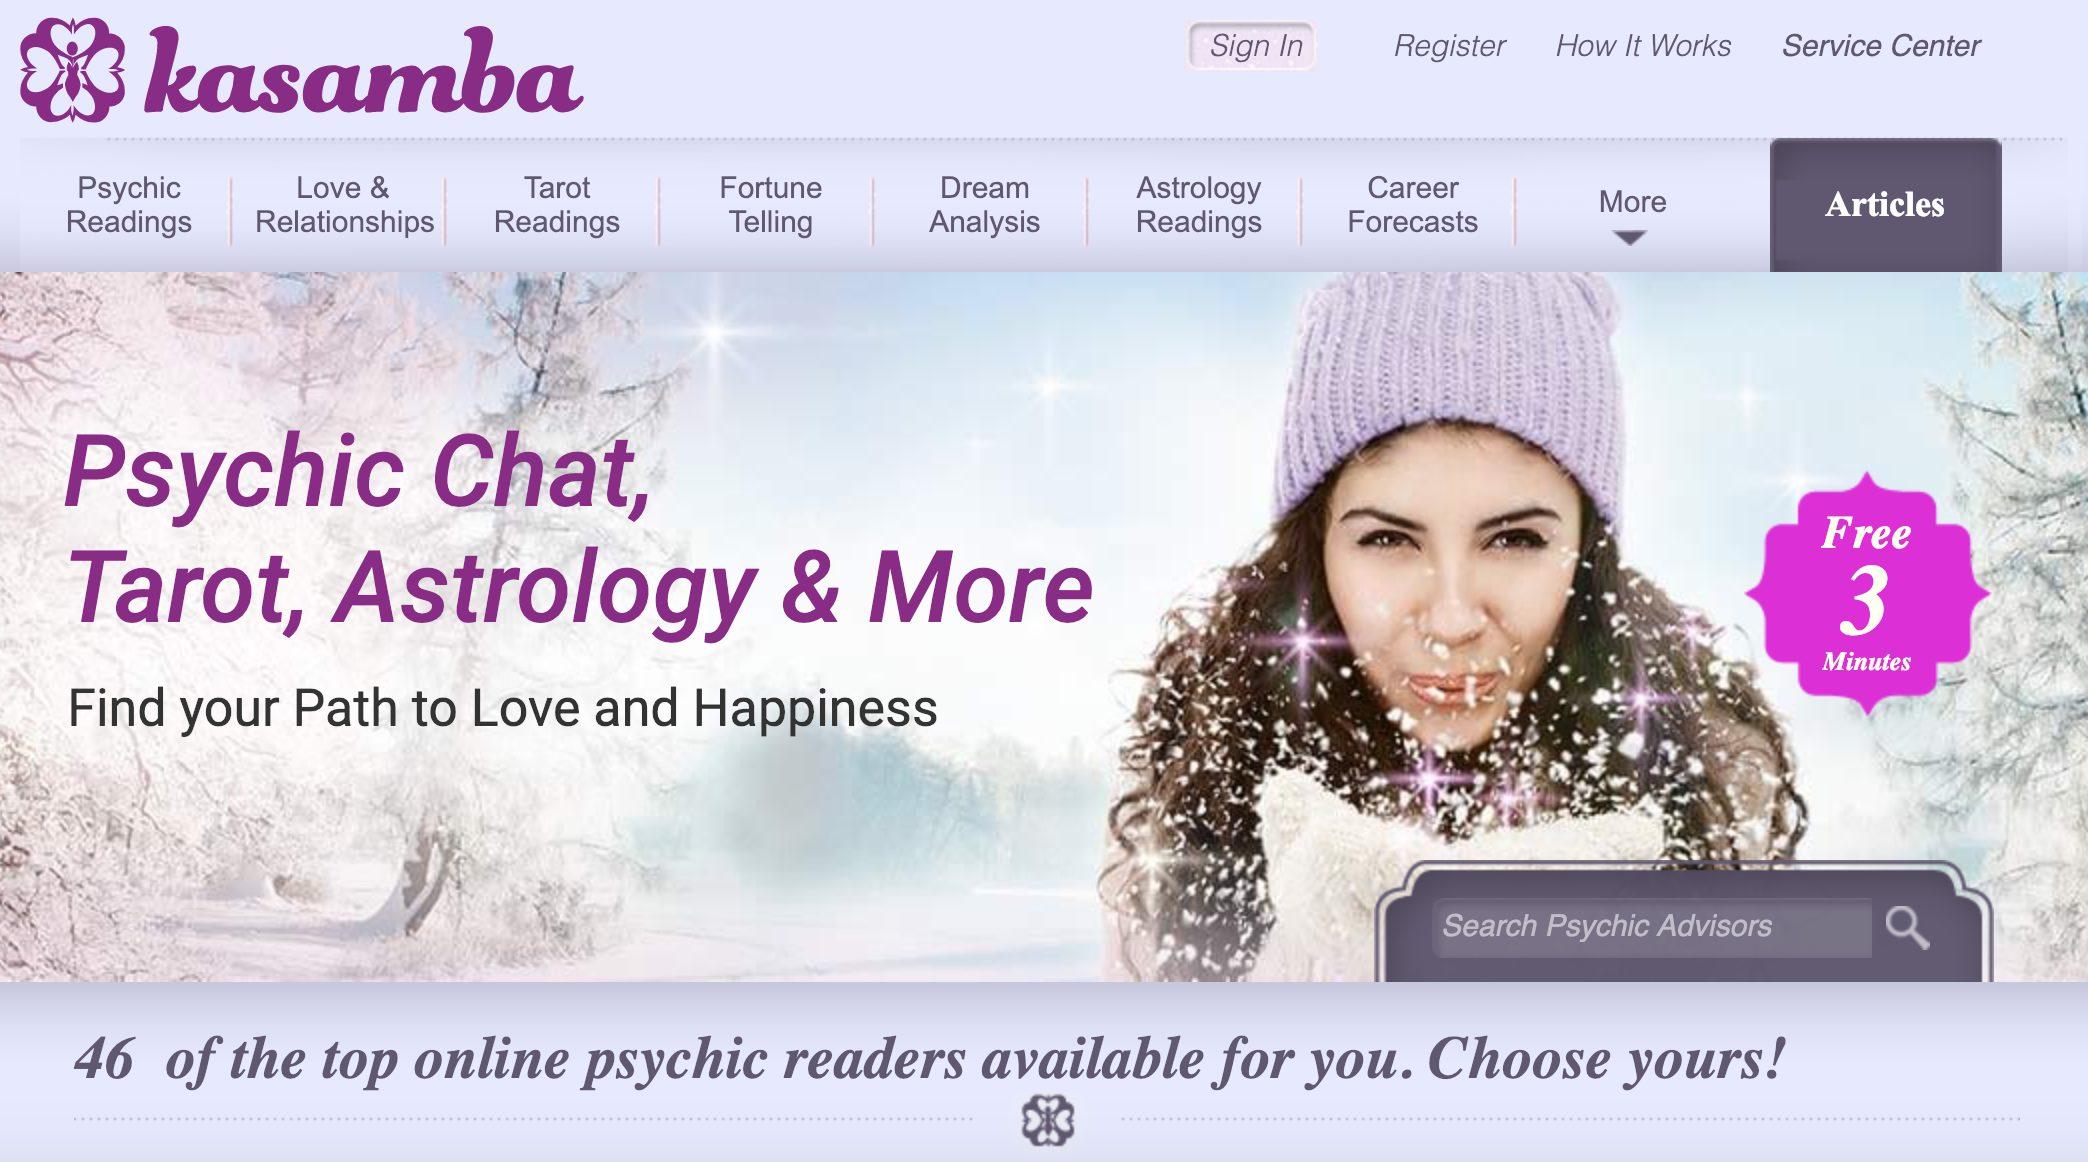 Kasamba Psychic Chat